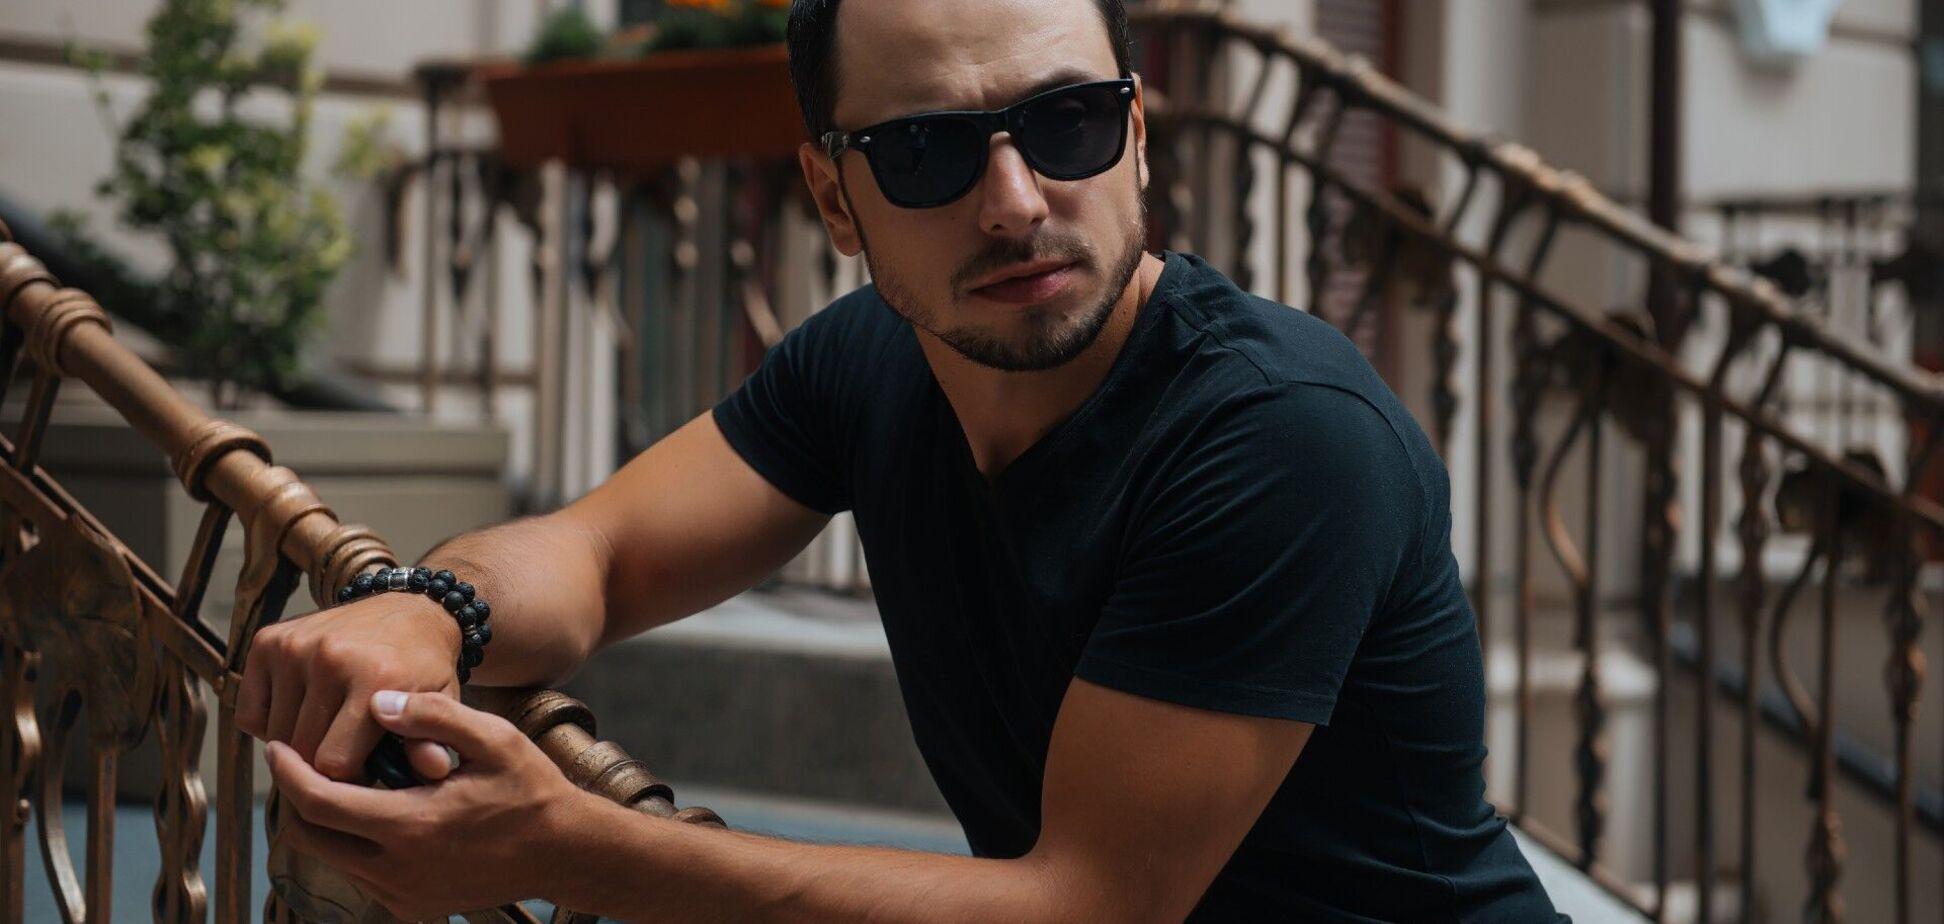 По-чоловічому емоційно: Мироненко представив нову пісню 'Волк-одиночка'